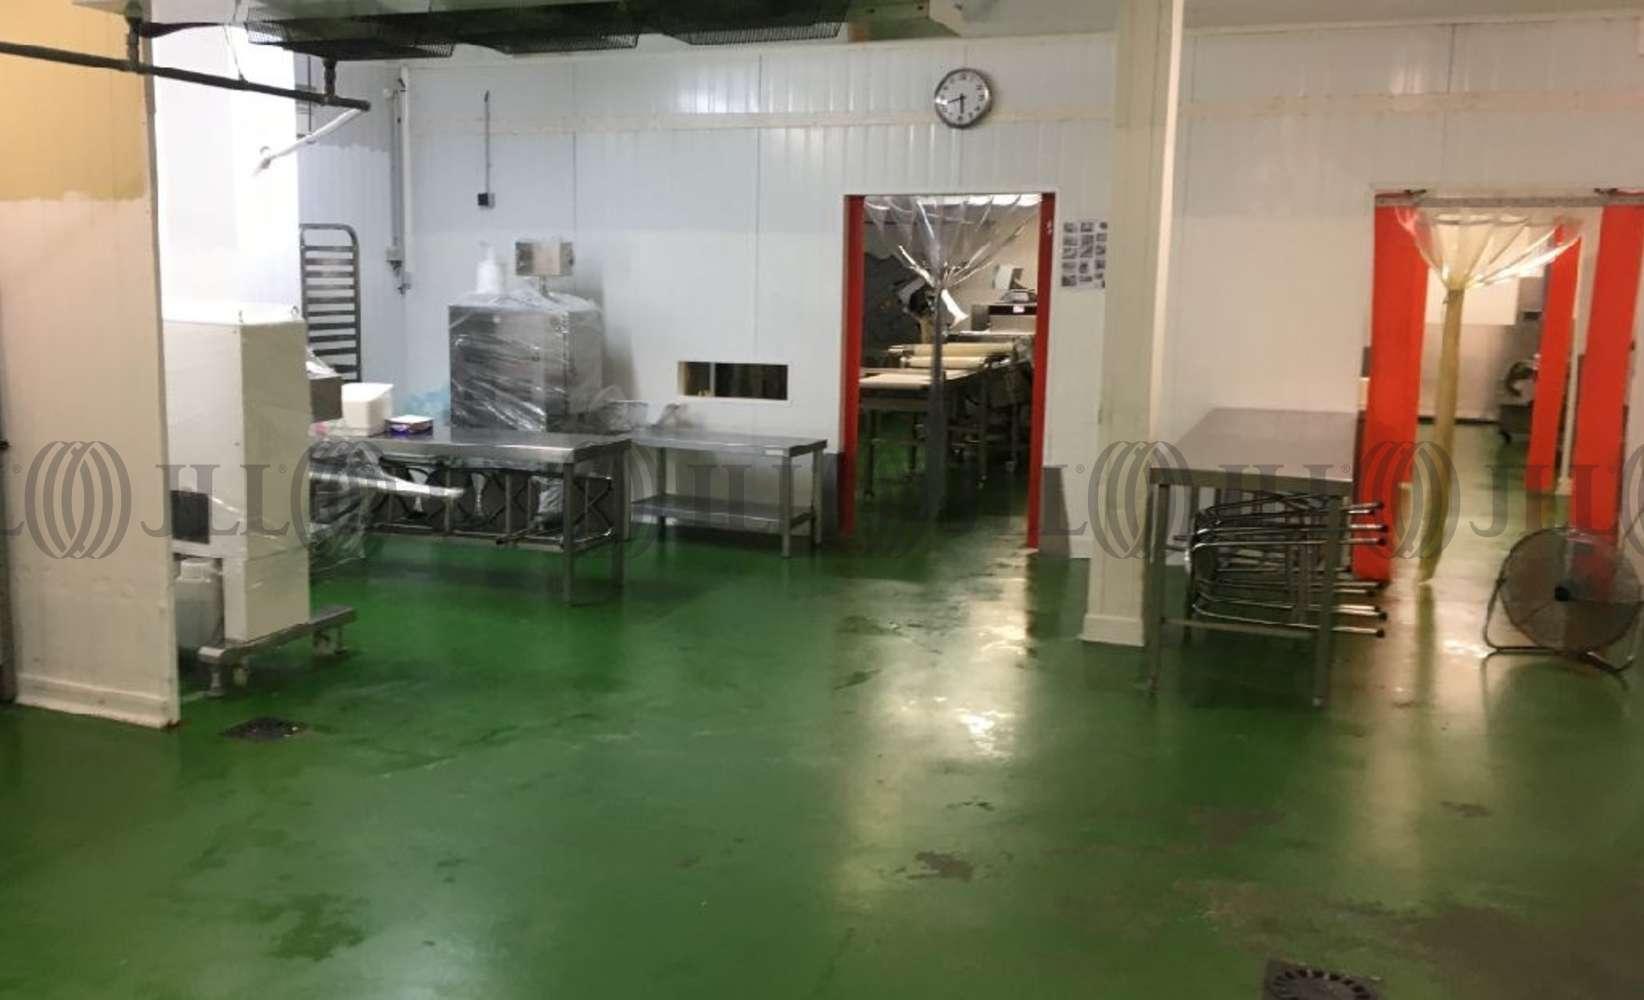 Activités/entrepôt Clichy sous bois, 93390 - 15 ALLEE DE LA FOSSE MAUSSOIN - 9507909